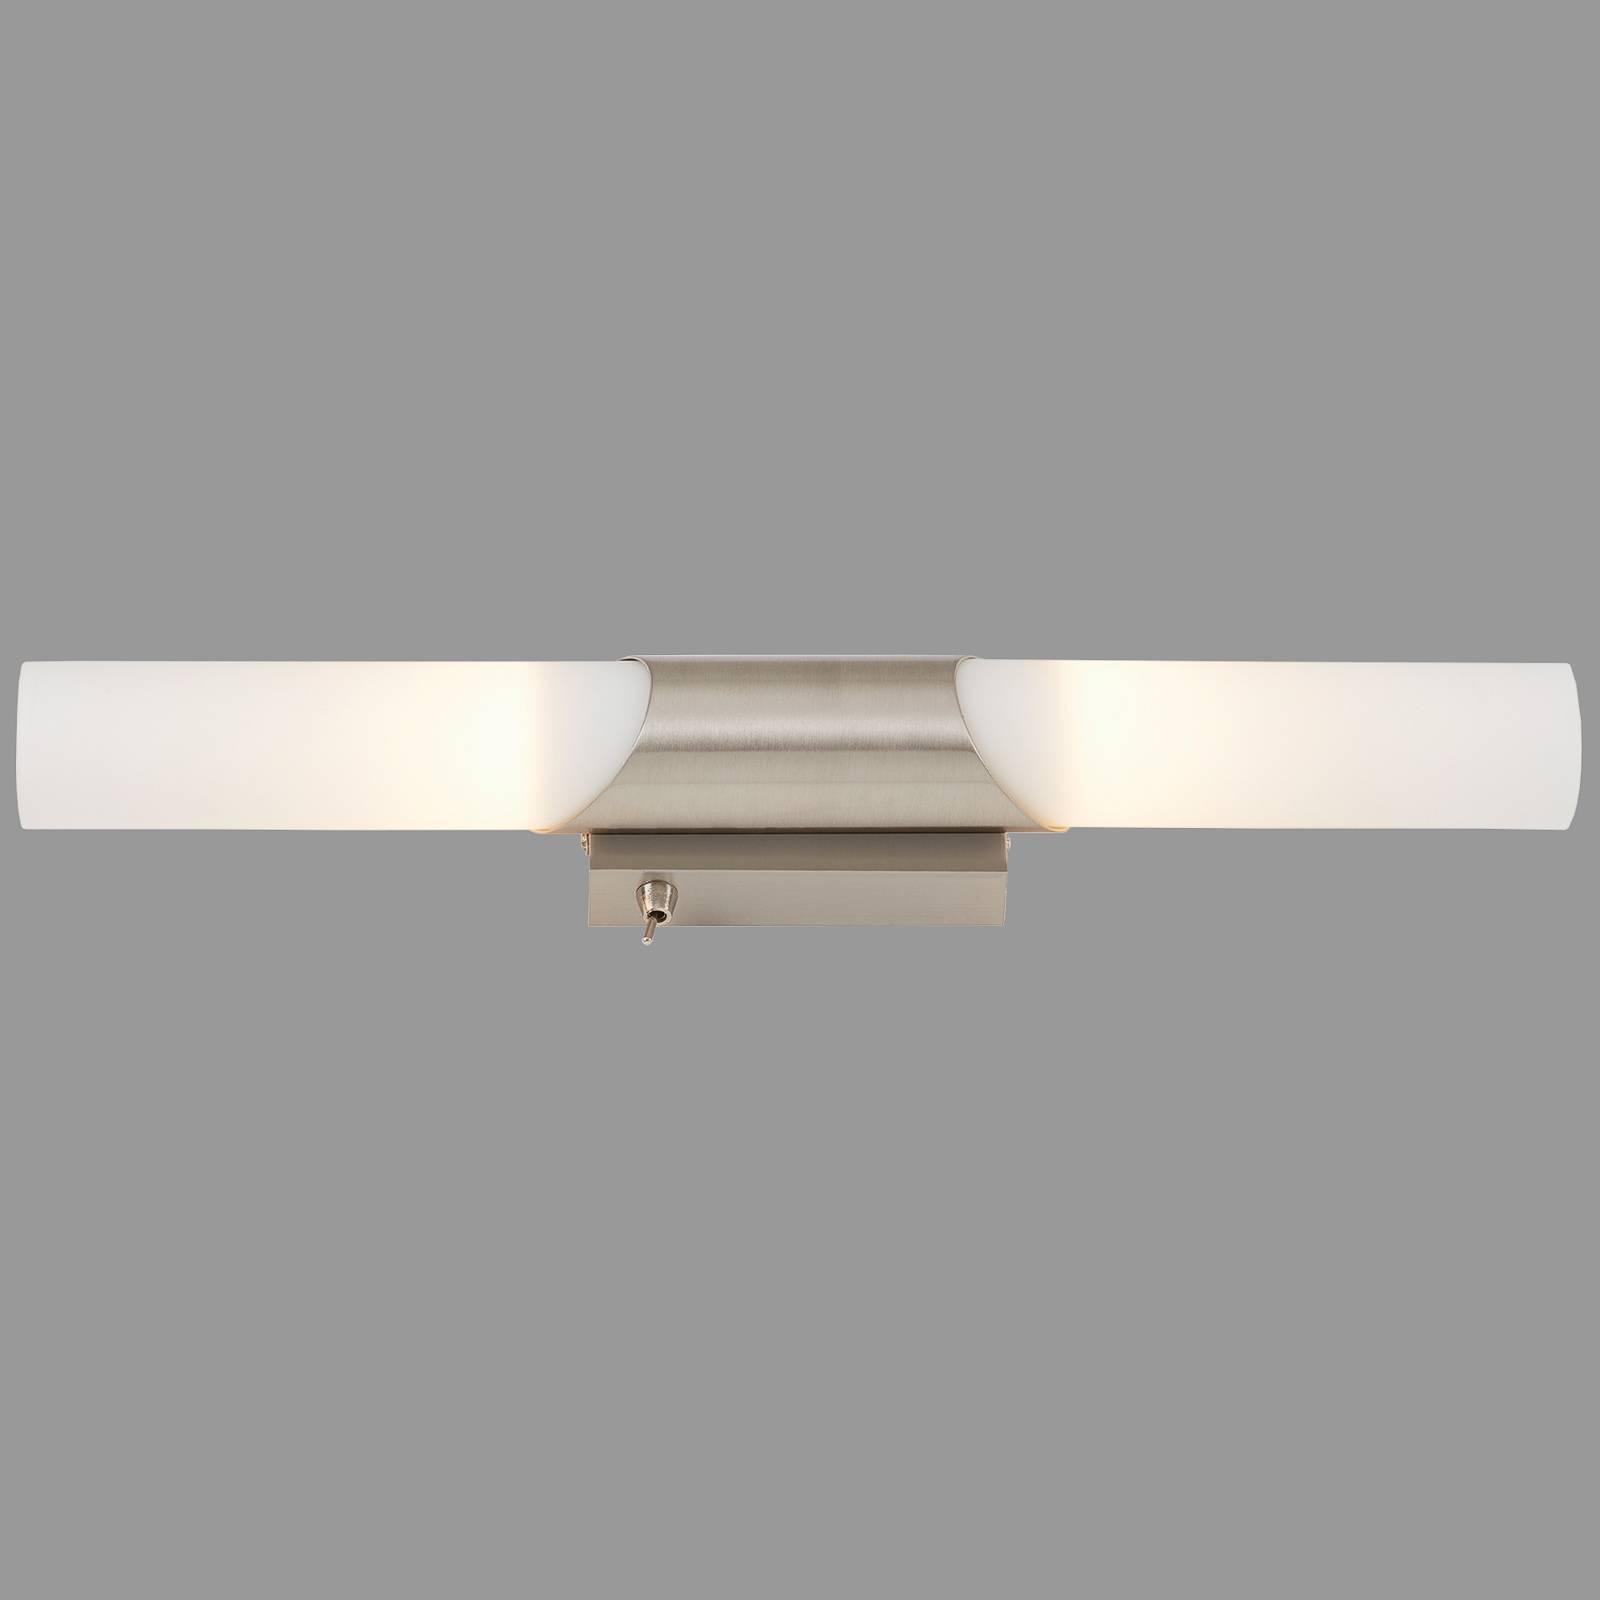 Kylpyhuoneen seinälamppu Splash, 2-lamppuinen